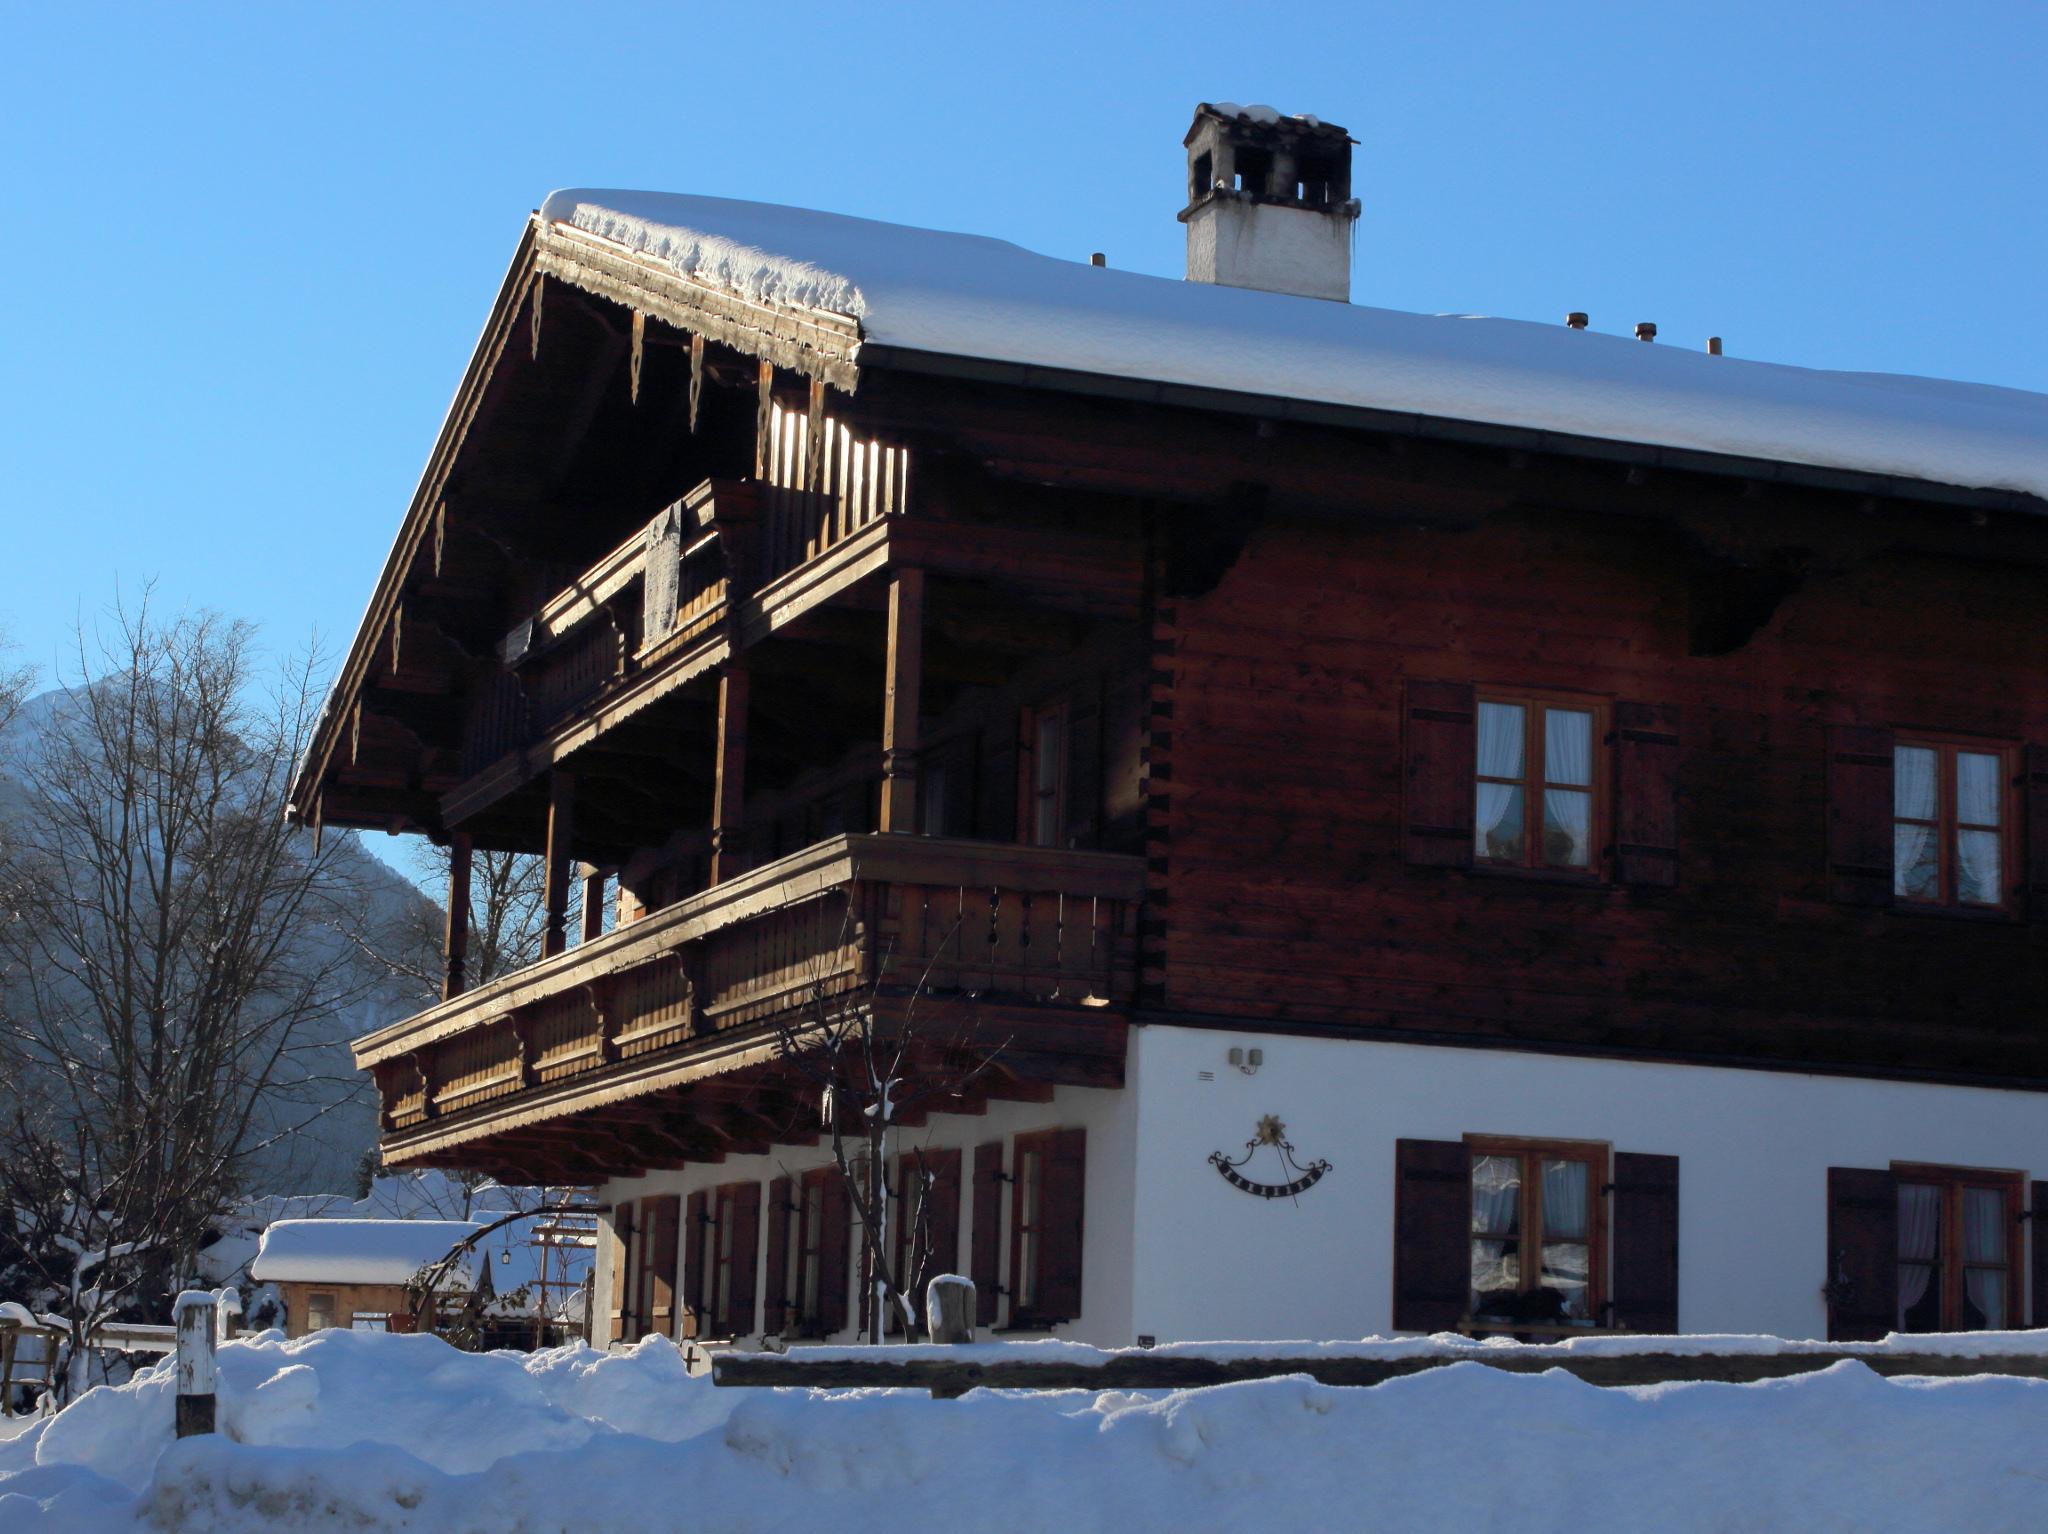 Appartement de vacances Gästehaus Kress - Chiemgau Karte (DE Inzell). Ferienwohnung 2 für 4 Personen, 1 Schlaf- un (712315), Inzell, Chiemgau, Bavière, Allemagne, image 12